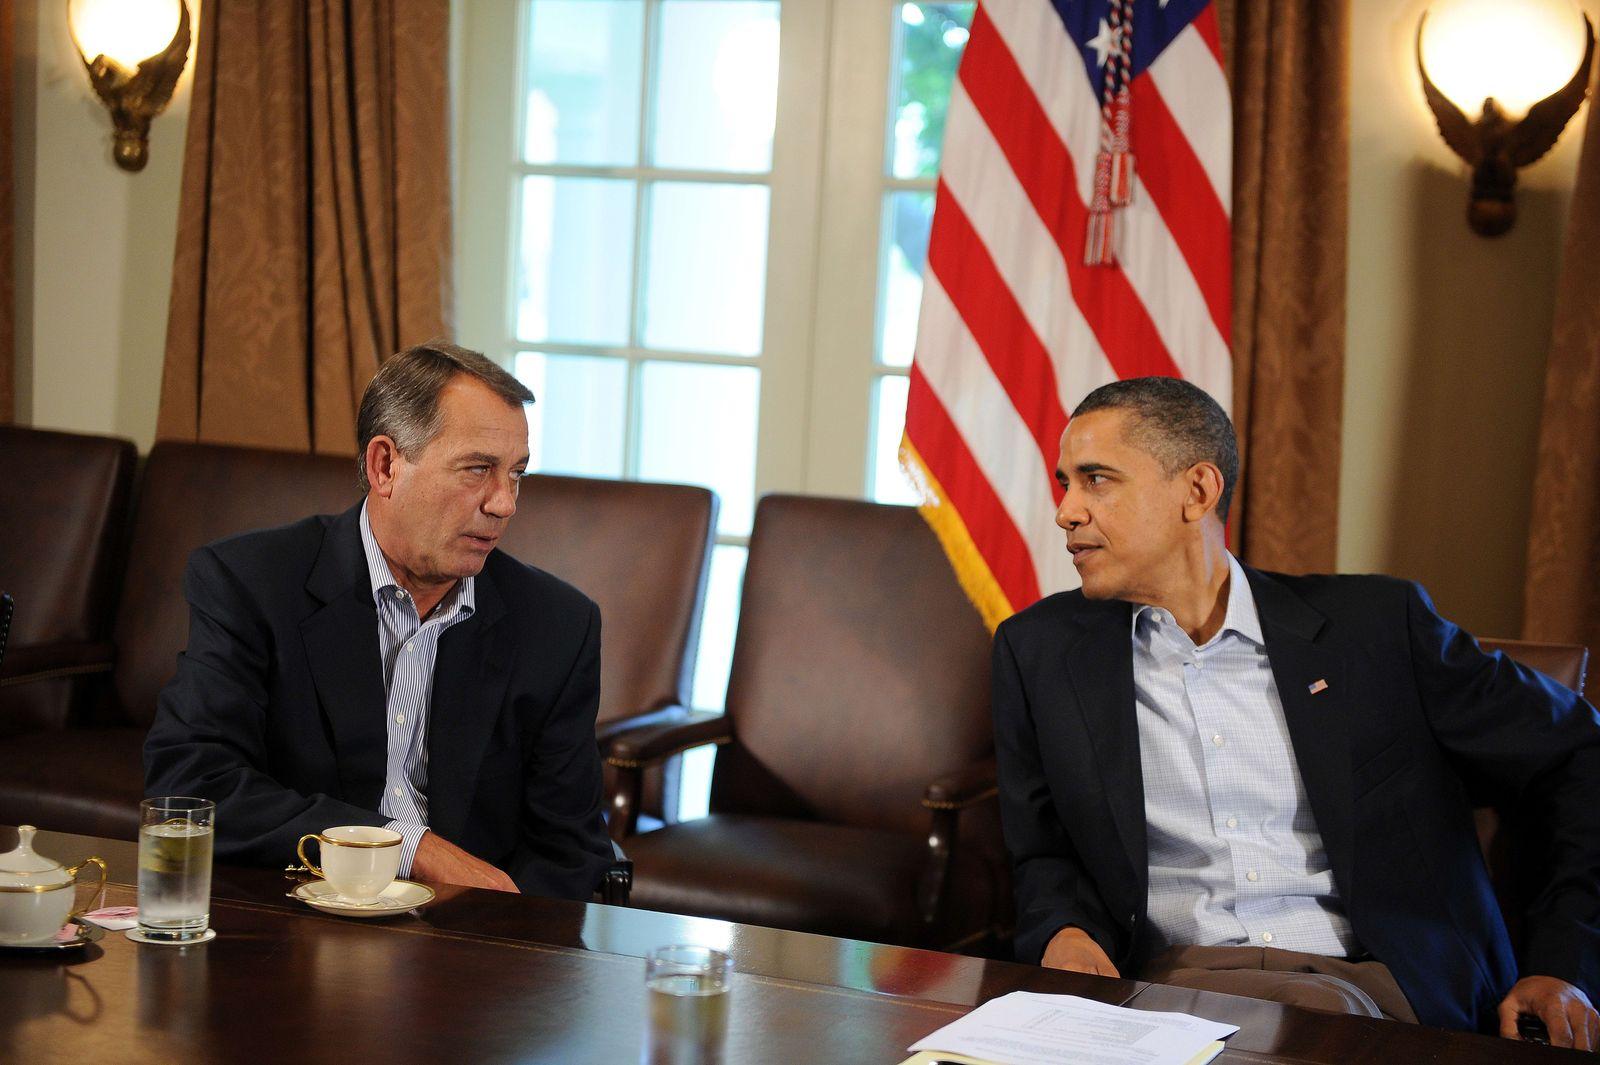 Obama Boehner Schuldengespräche